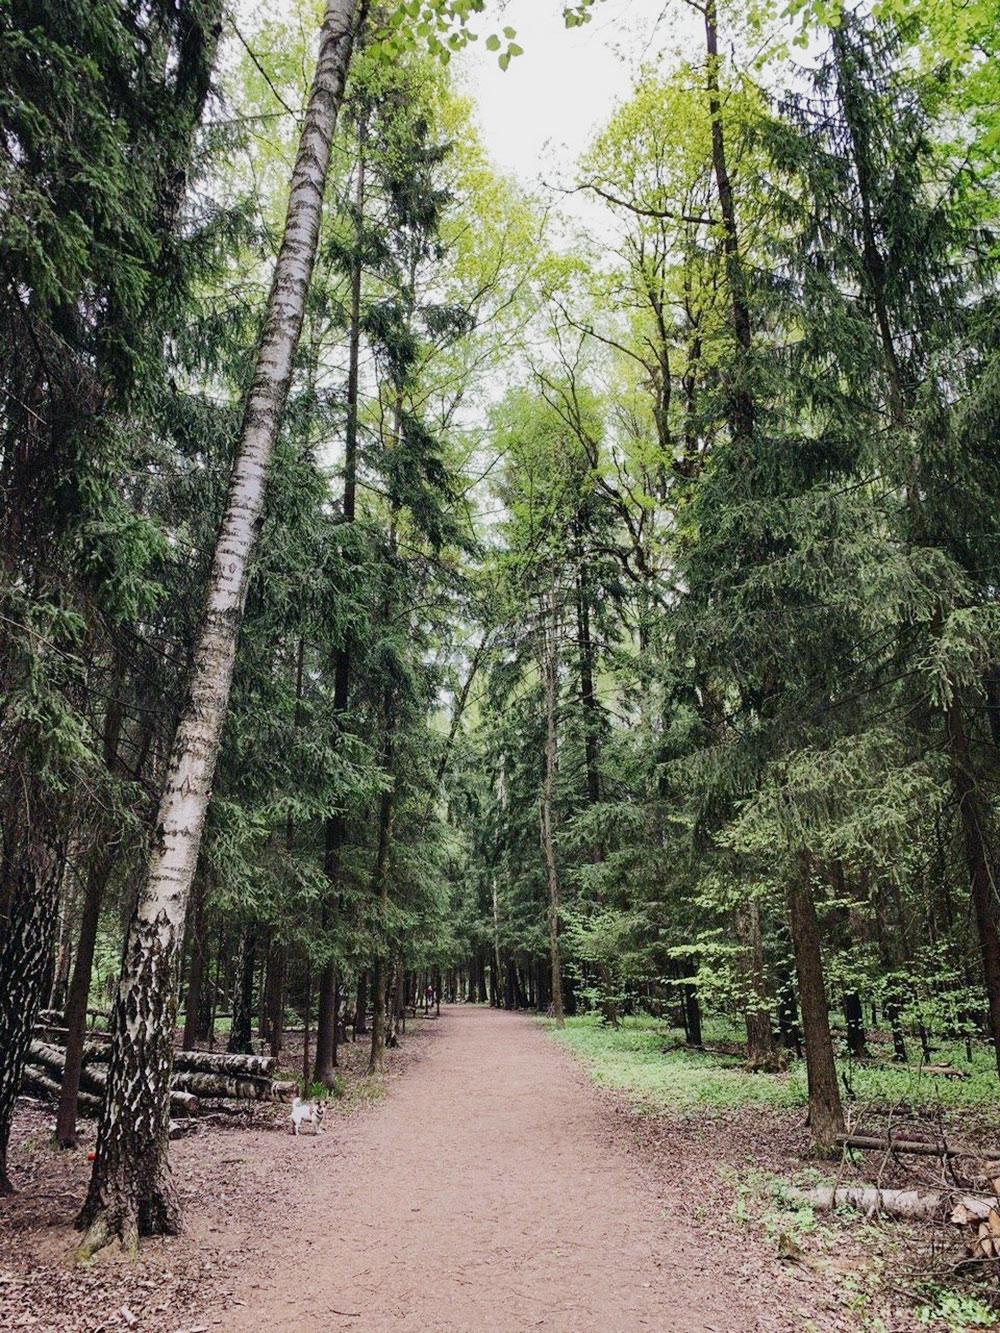 Дляпрогулок у нас два маршрута: вдоль шоссе и по дворам. Обычно выбираем второй. Когда времени больше, доходим до этого леса